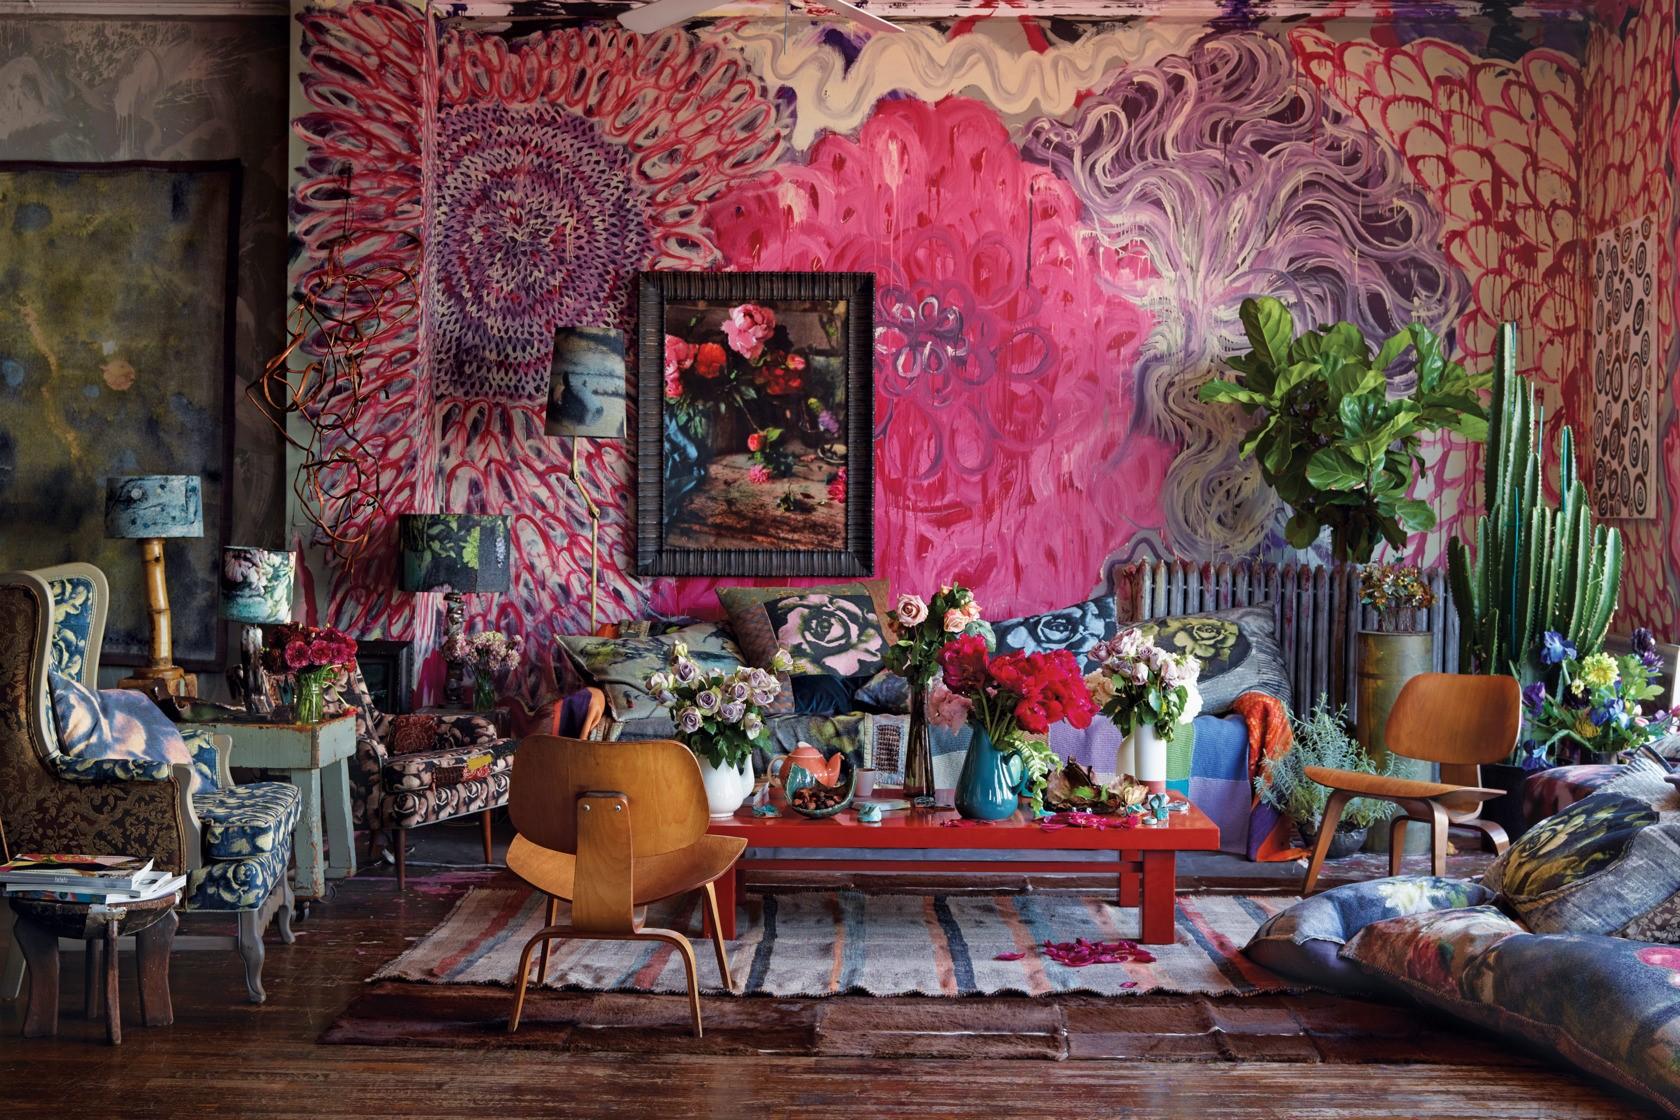 Quand il s'agit de déco de salon maximaliste, plus d'objets, plus de motifs, plus de texture, plus de couleur - c'est mieux!